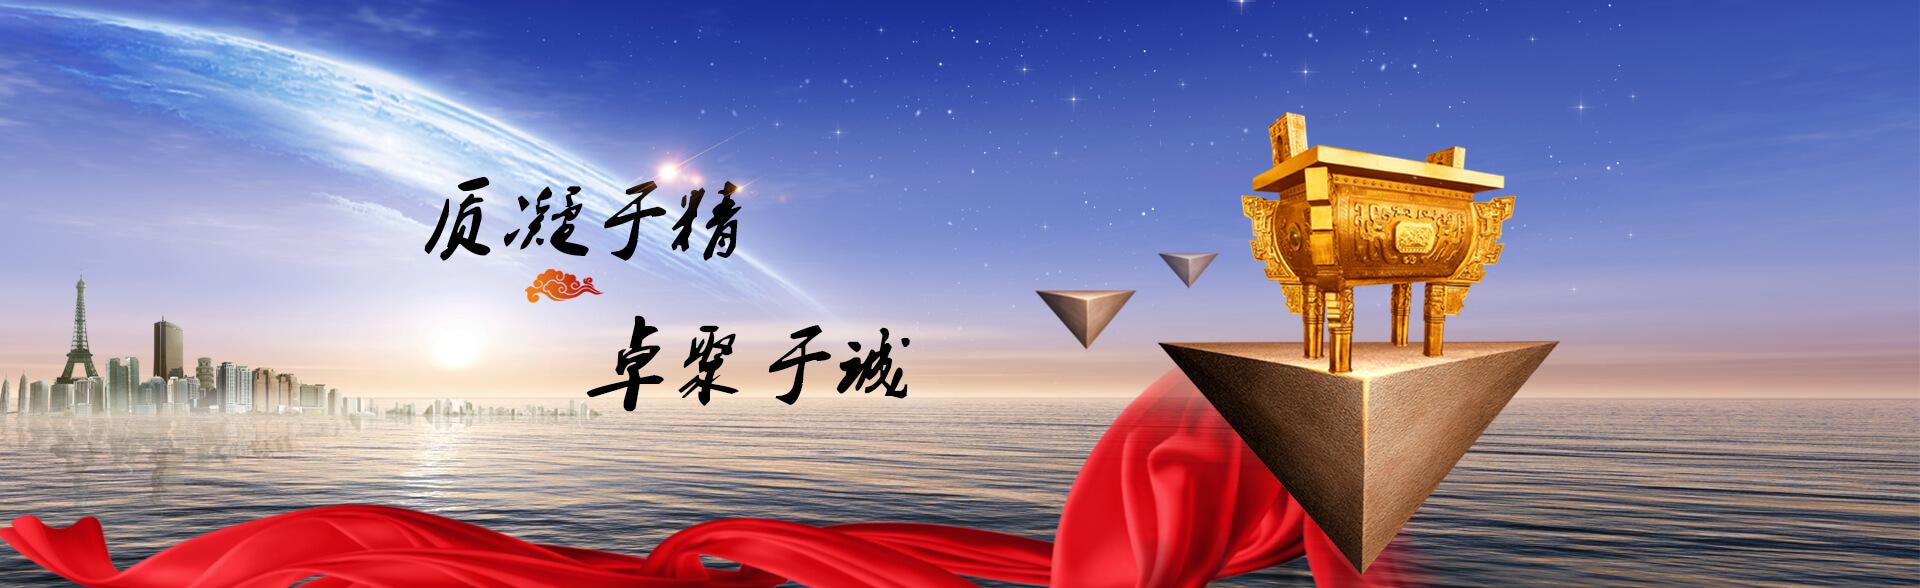 西安商标注册,西安专利申请_在线留言_第三张图片